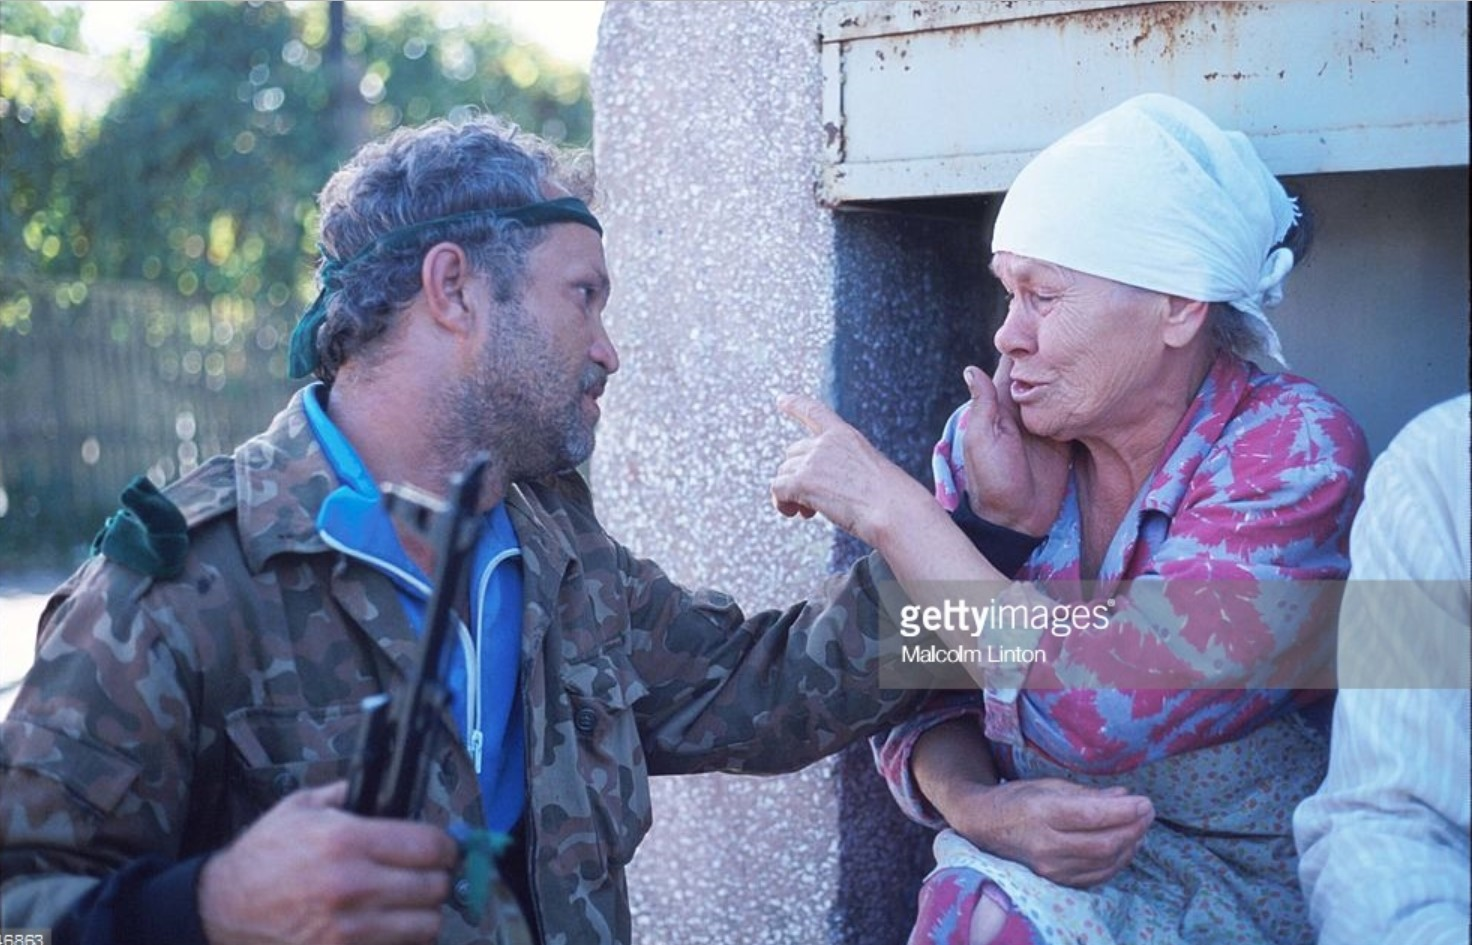 1993. 29 сентября. Сухуми.  Солдат разговаривает с женщиной